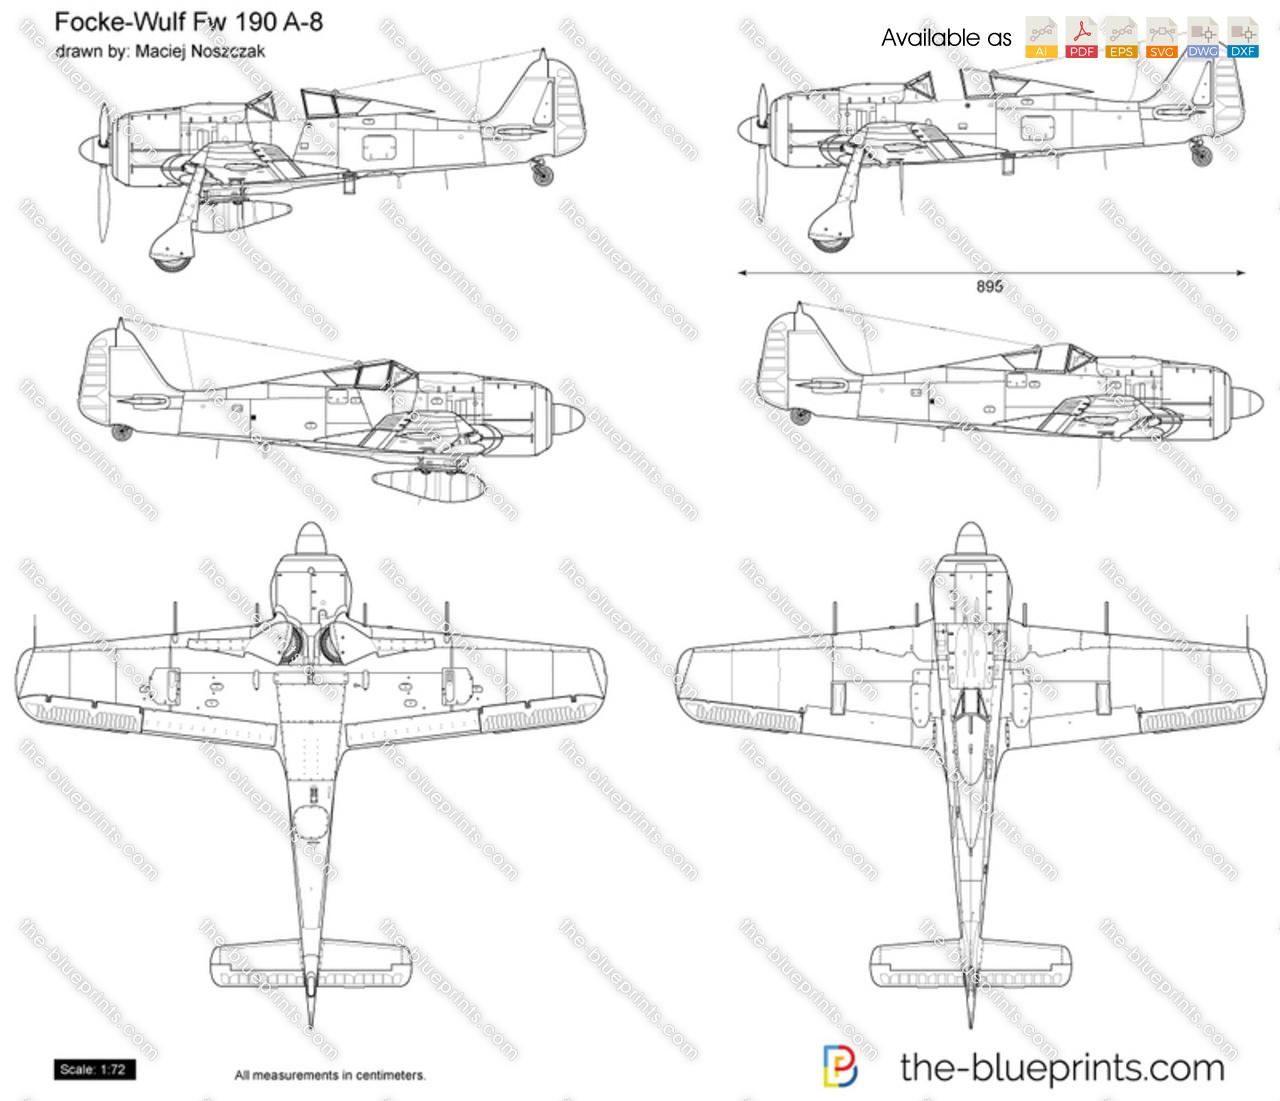 Focke Wulf Fw 190 A-8